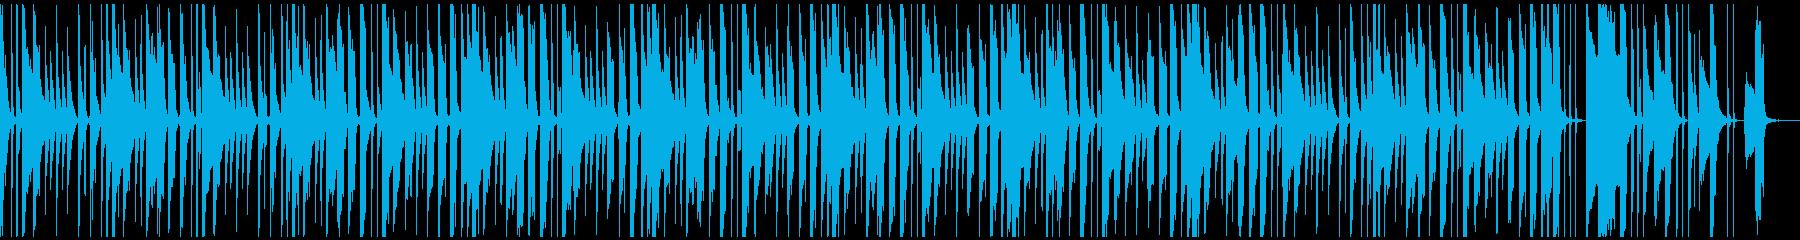 小人のクイズ(ショート版)の再生済みの波形